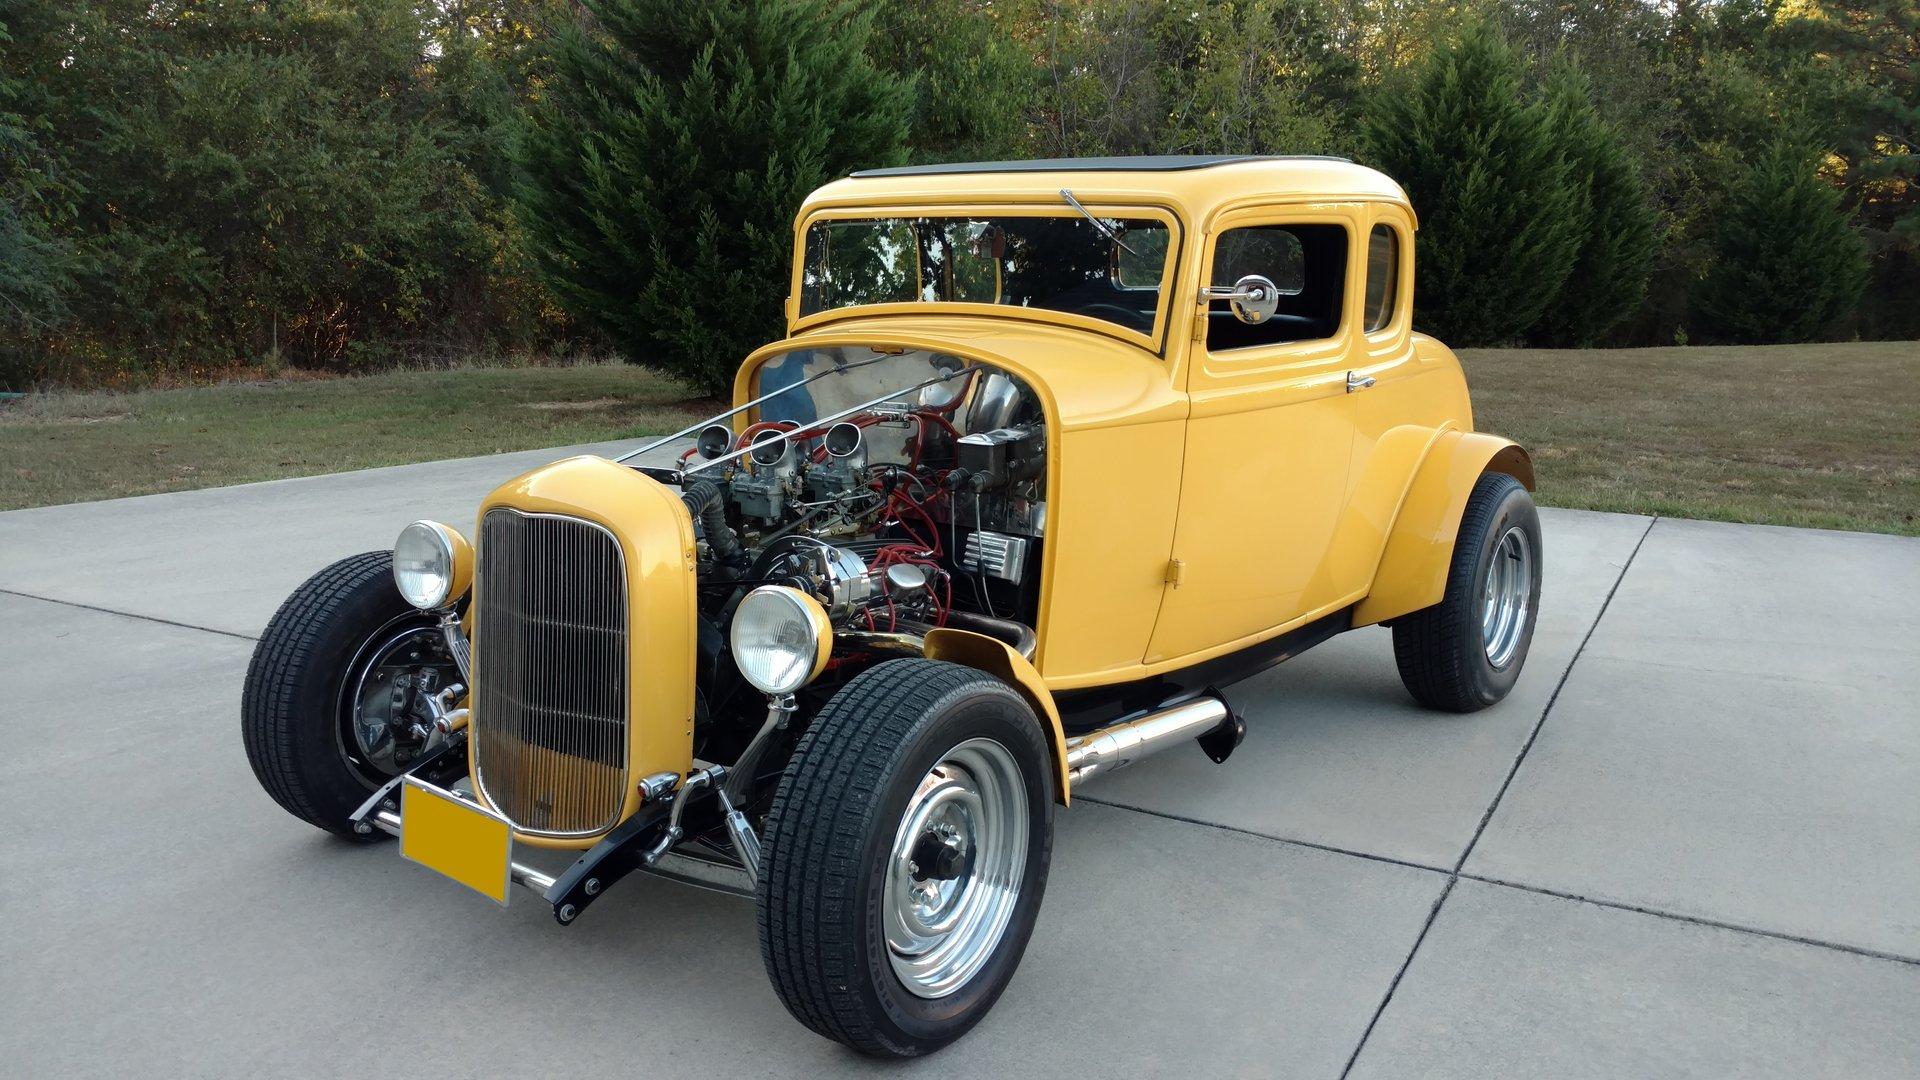 1932 ford 5 window coupe american graffiti movie tribute